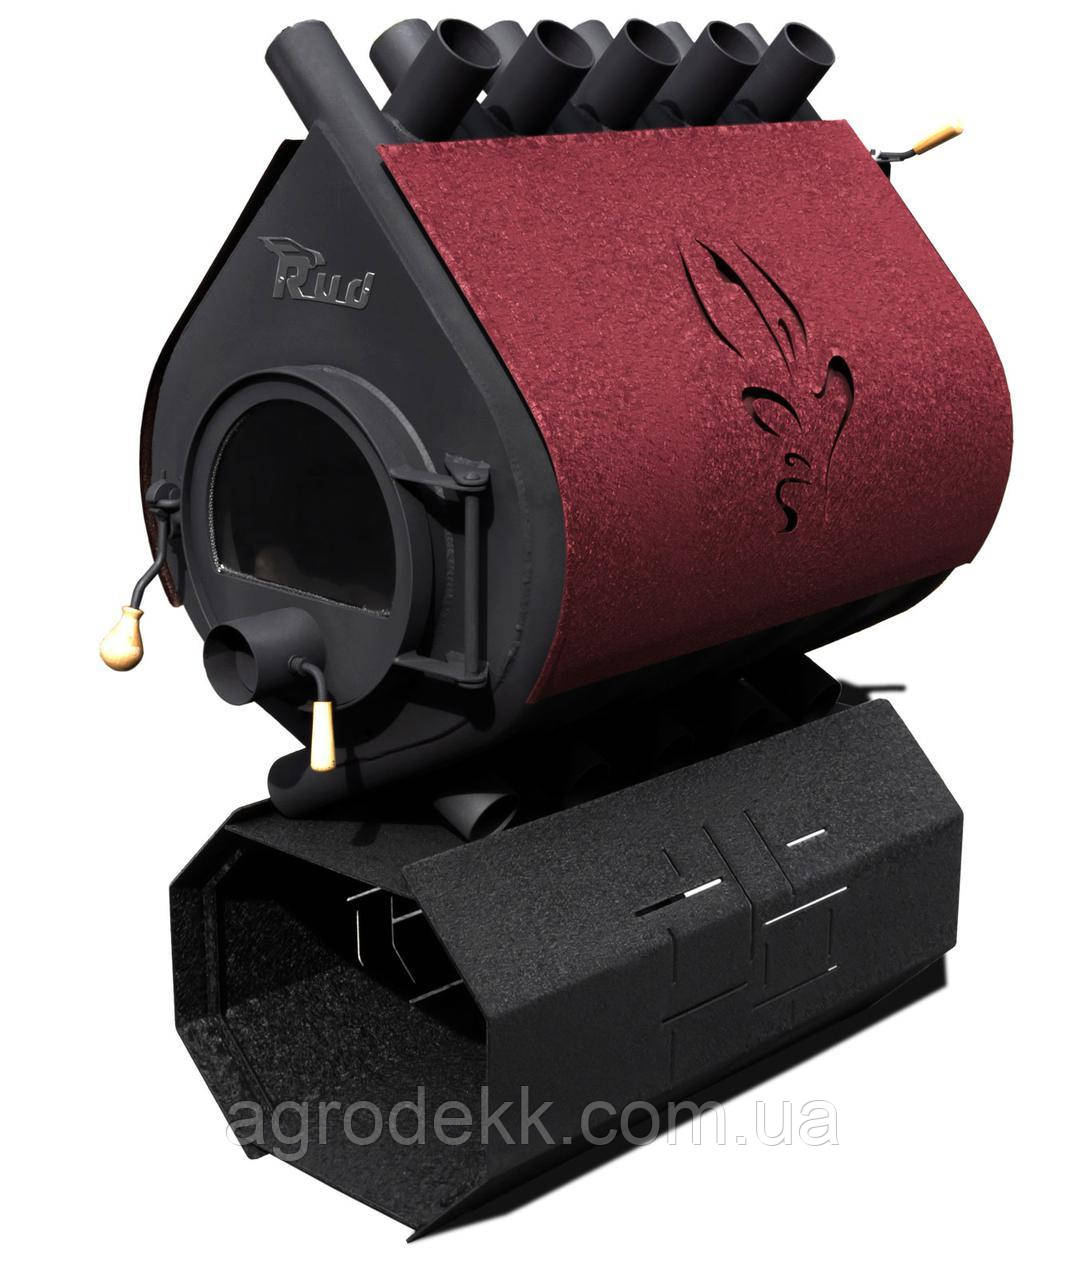 Отопительная конвекционная печь Rud Pyrotron Кантри 03 (отапливаемая площадь 240 кв.м. х 2,5 м)